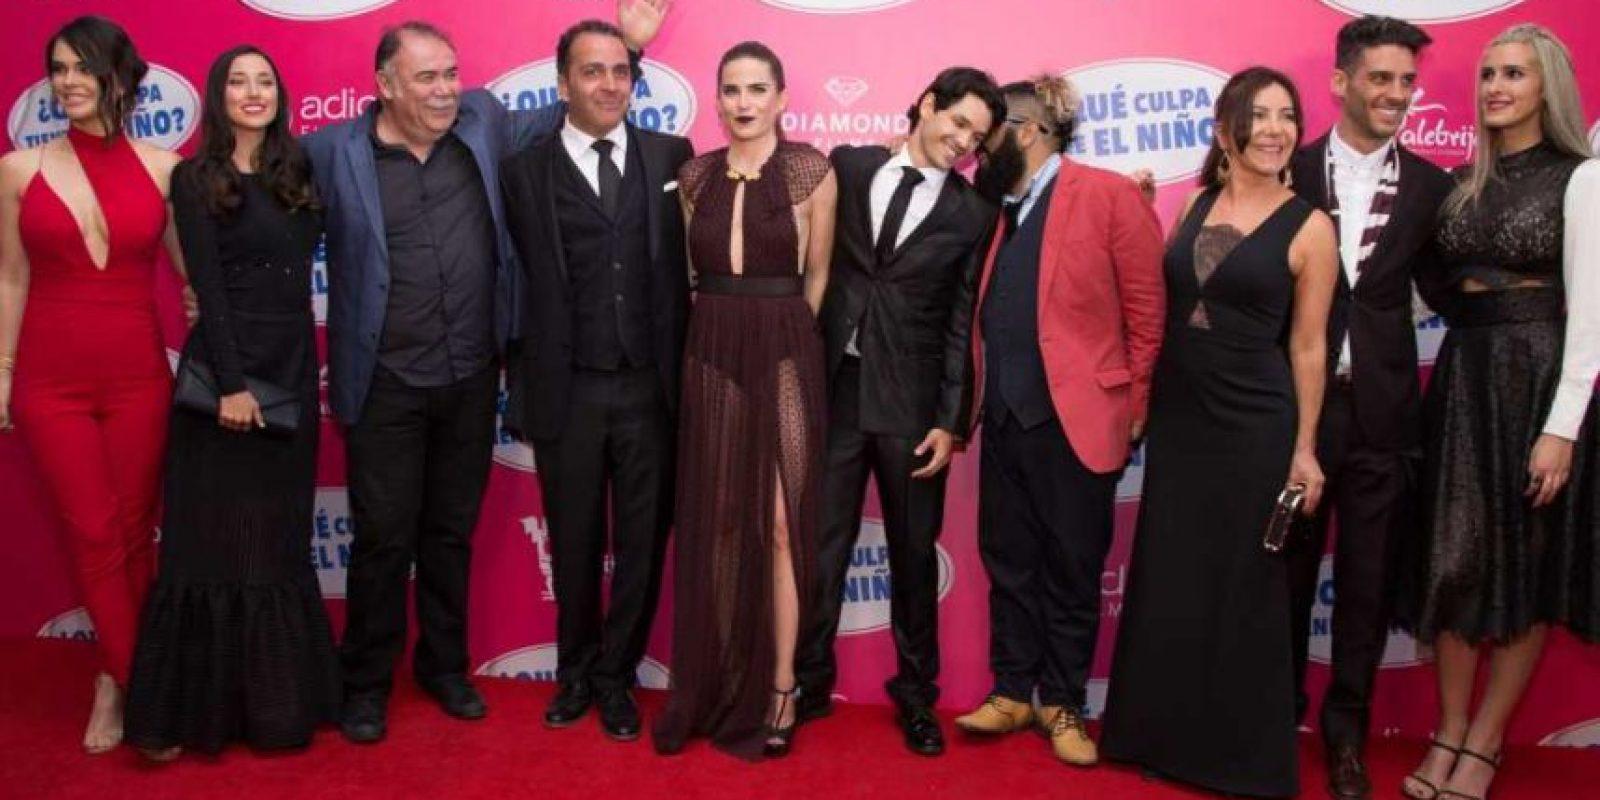 Todo el elenco de la película asistió a la premiere en e Teatro Metropolitan